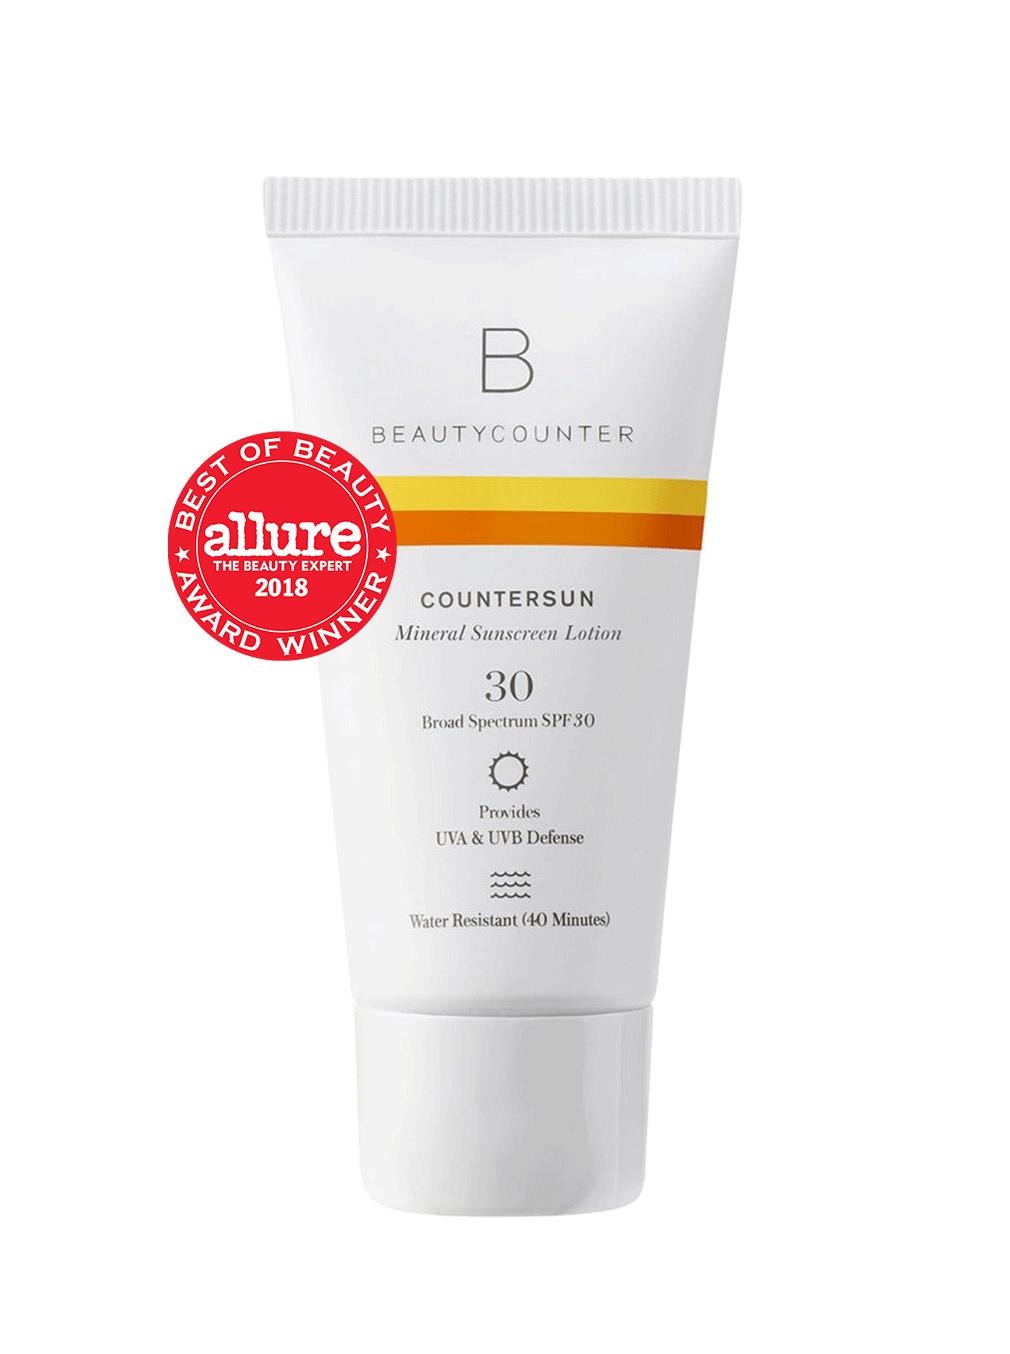 Countersun Mineral Sunscreen Lotion SPF 30 – 3.4 oz